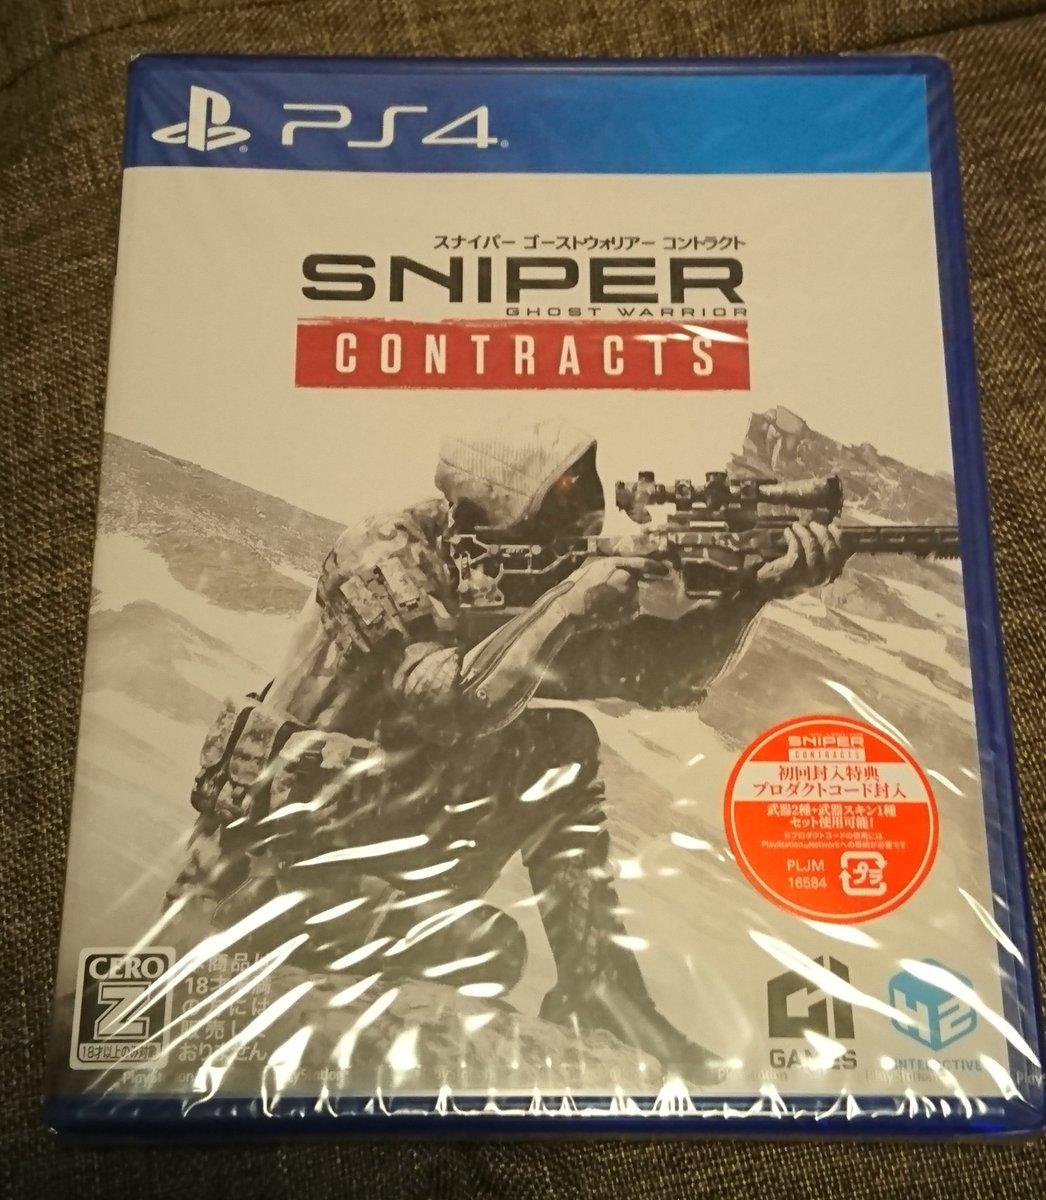 test ツイッターメディア - Sniper Ghost Warrior Contracts届いた久しぶりに自分の好きな系統のやつやる https://t.co/sBaroUQi4V